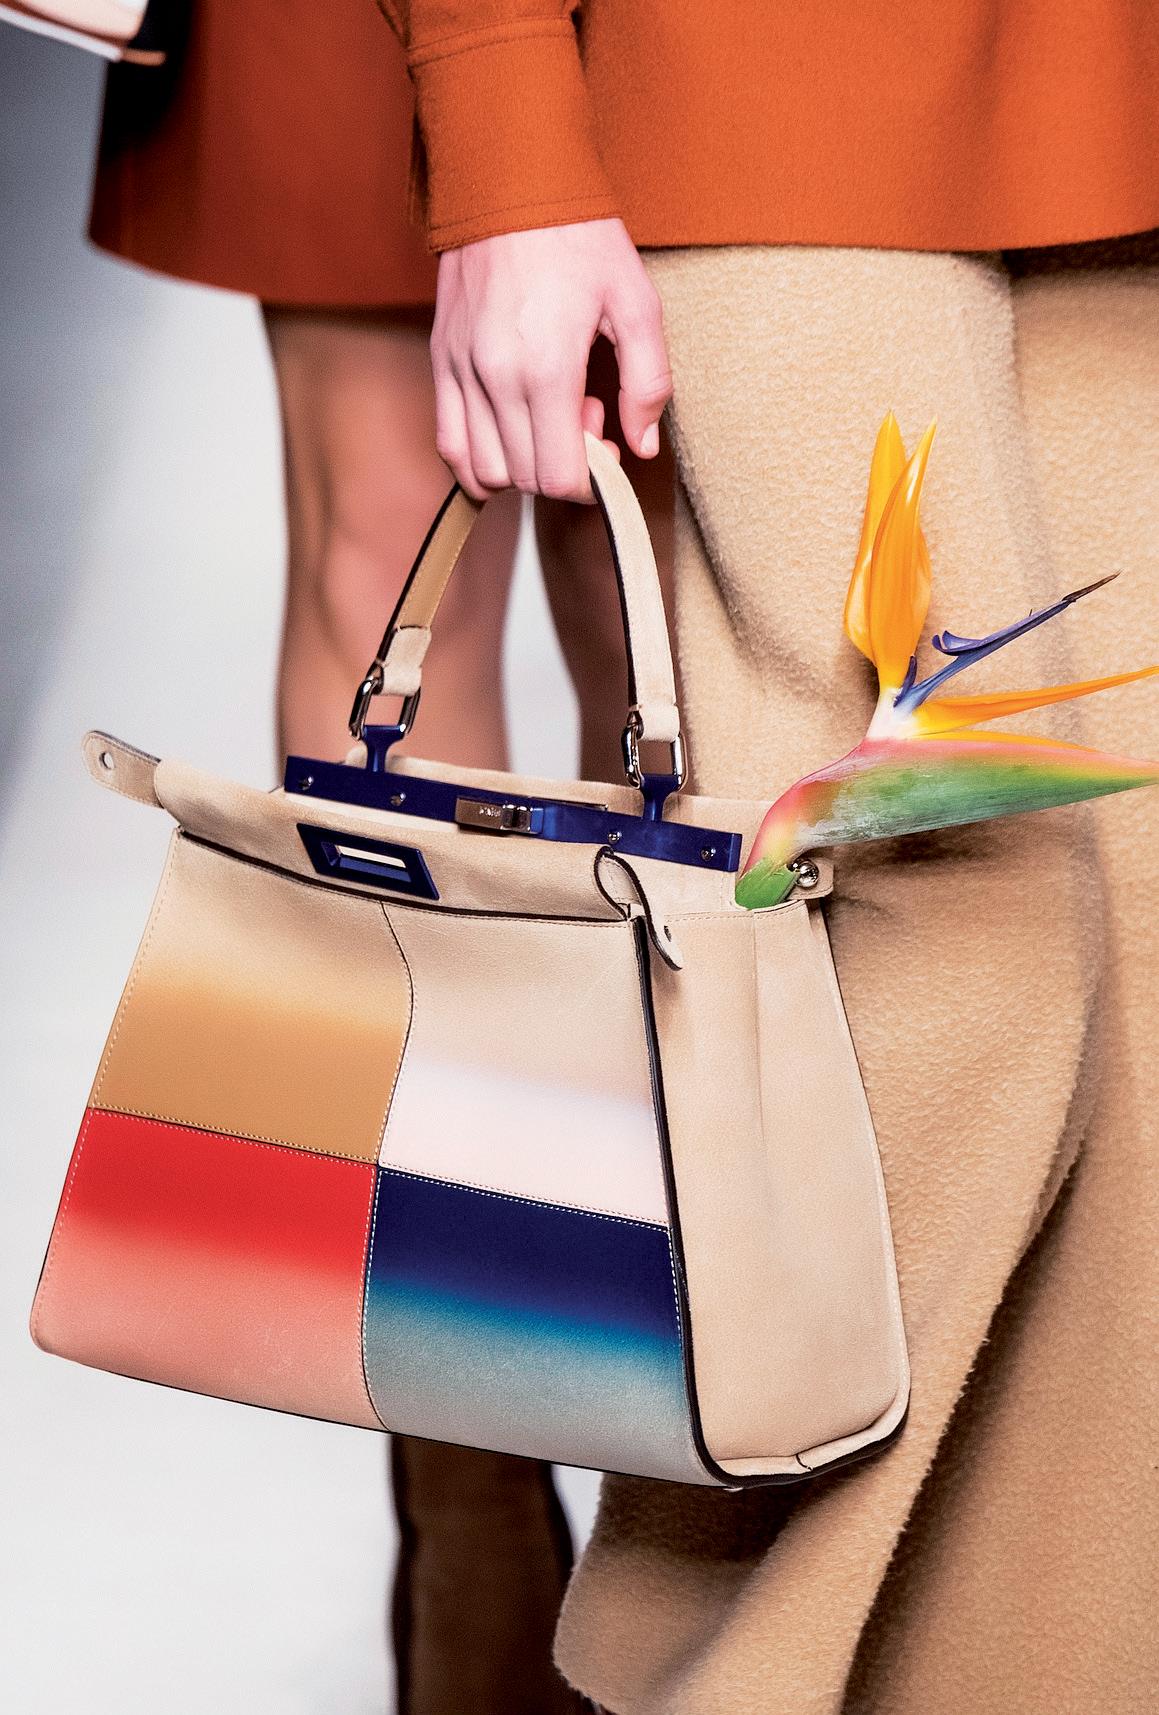 Xu hướng màu sắc phụ kiện thời trang